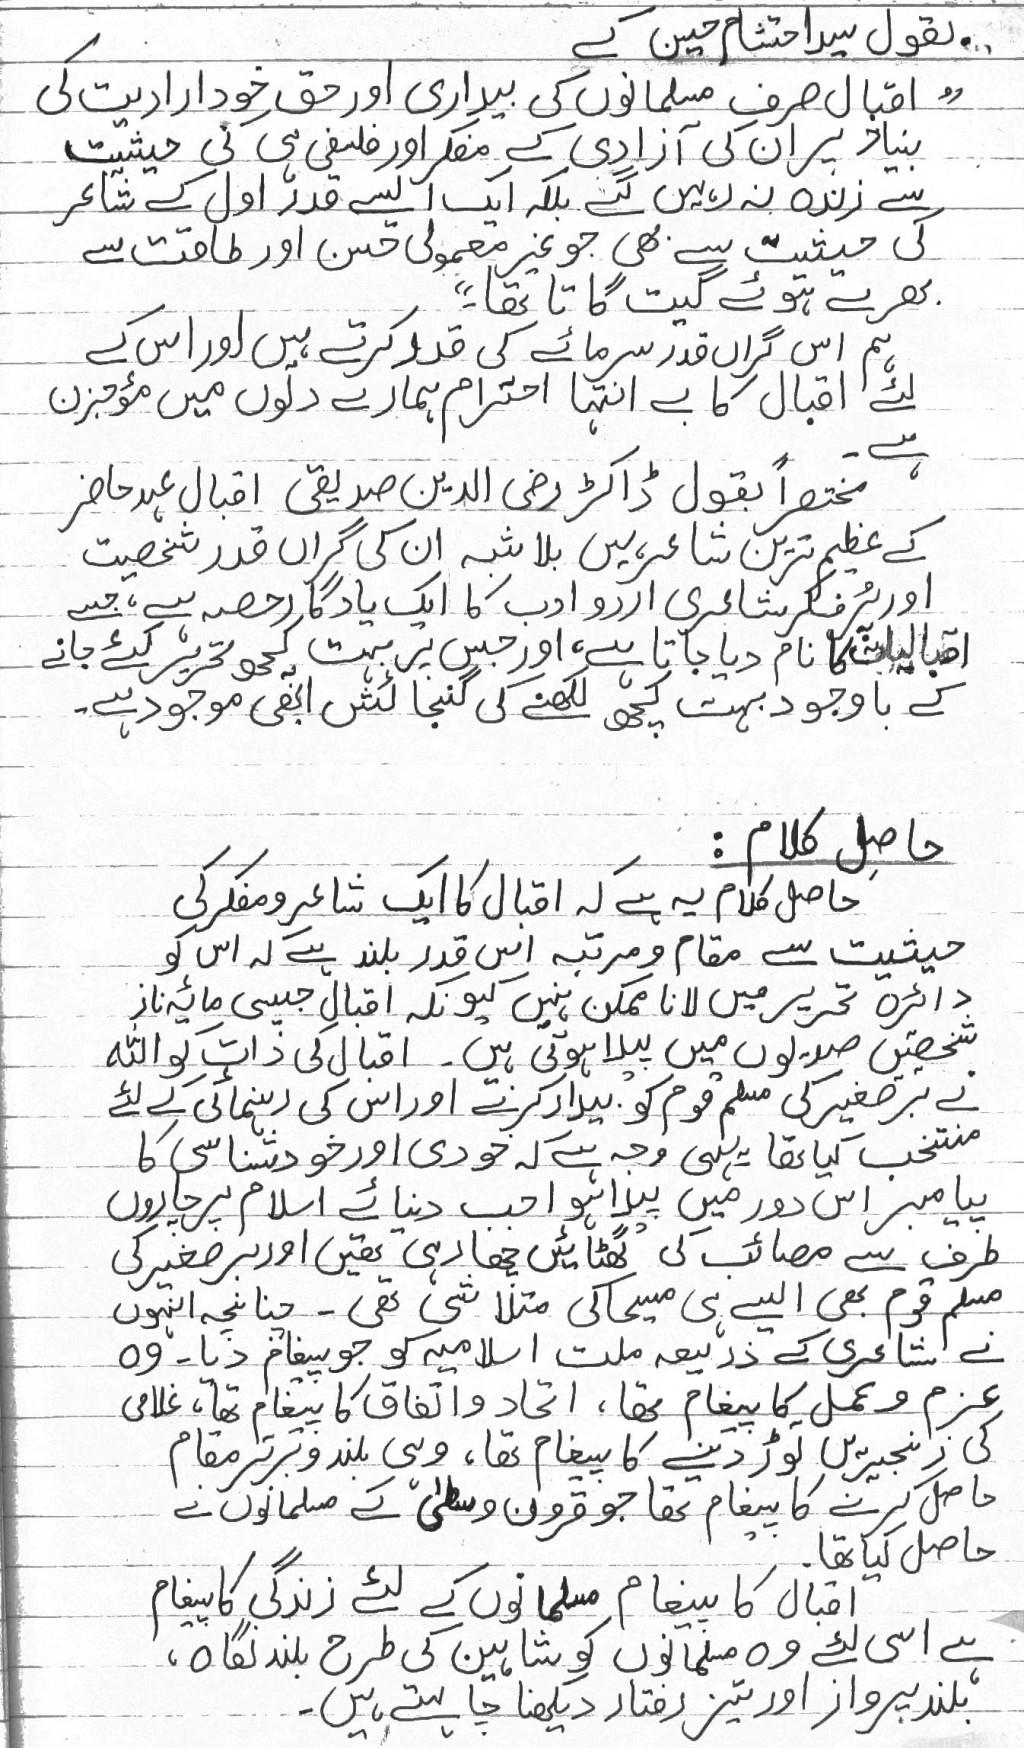 002 Short Essay On Allama Iqbal For Kids